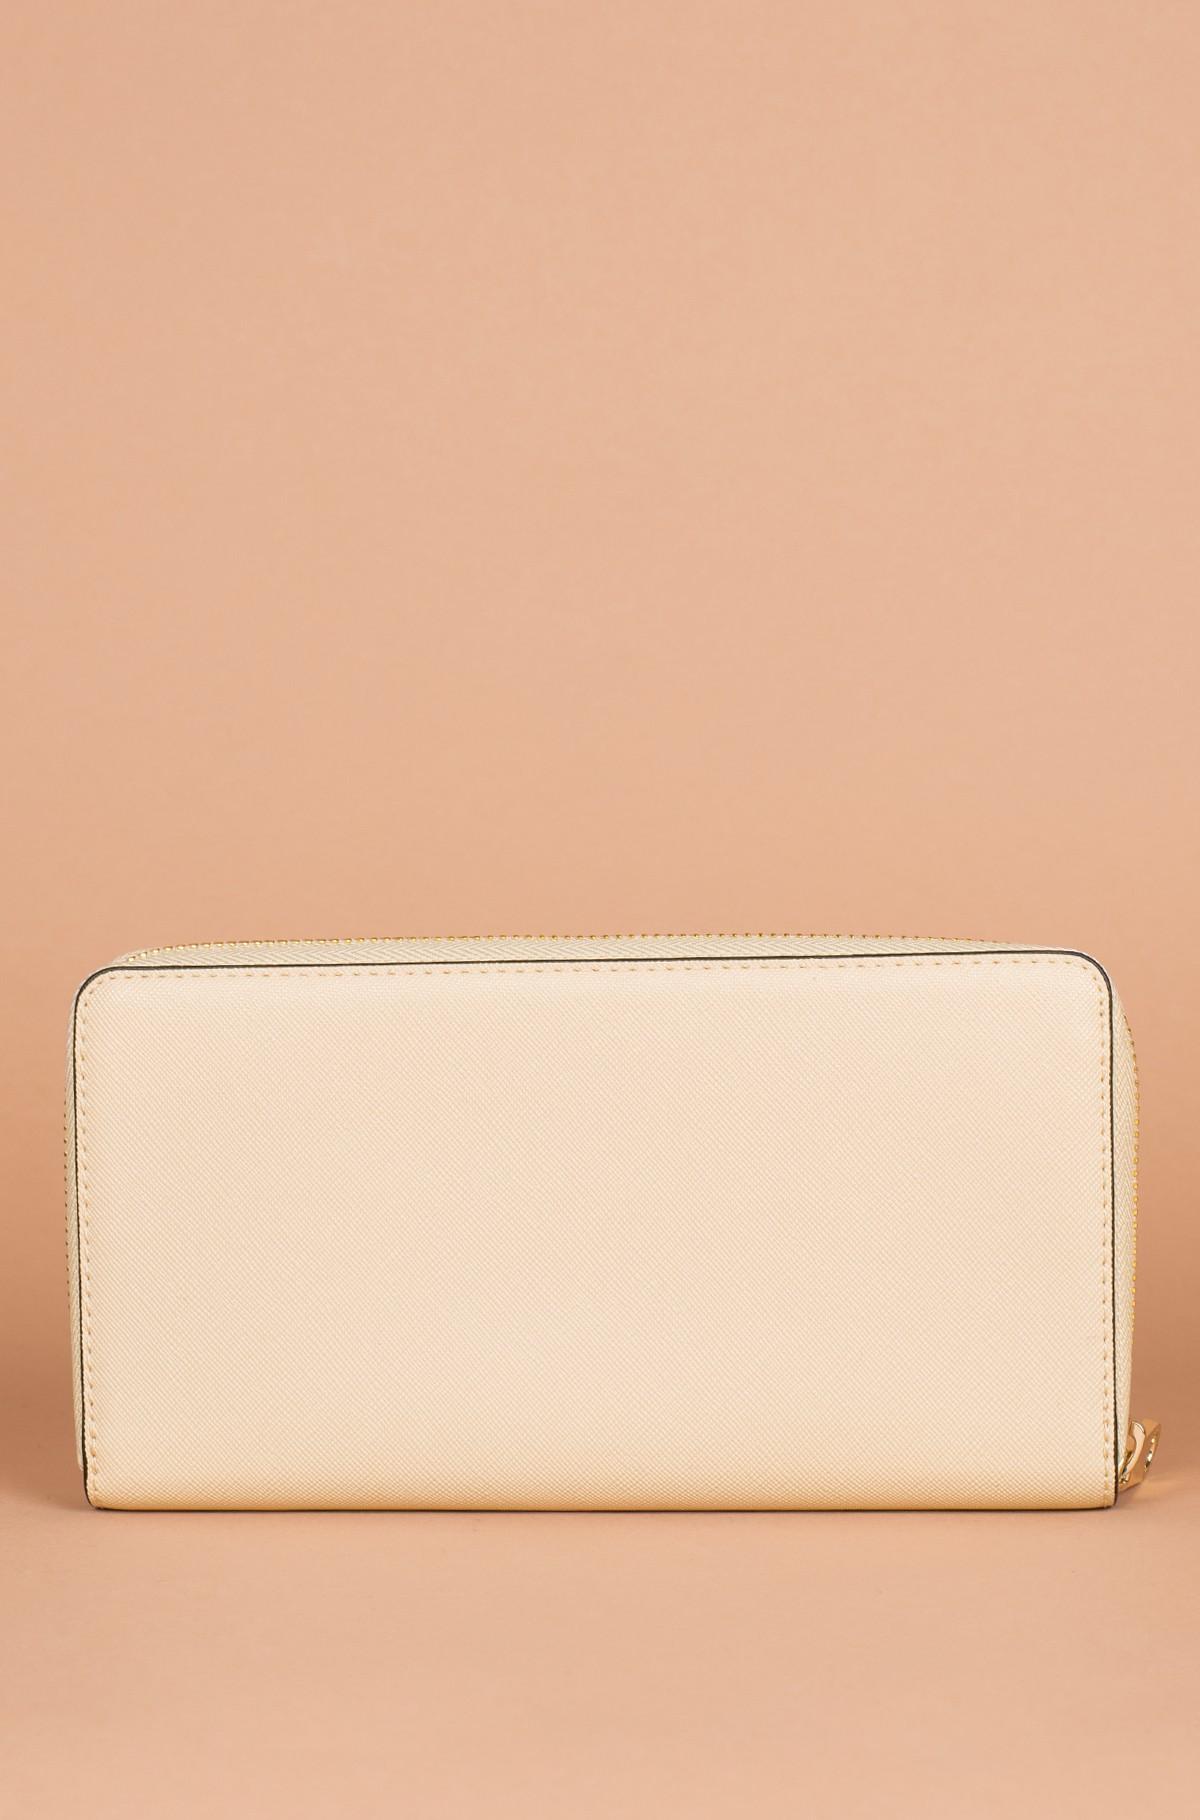 Wallet SWNEWG P9446-full-2